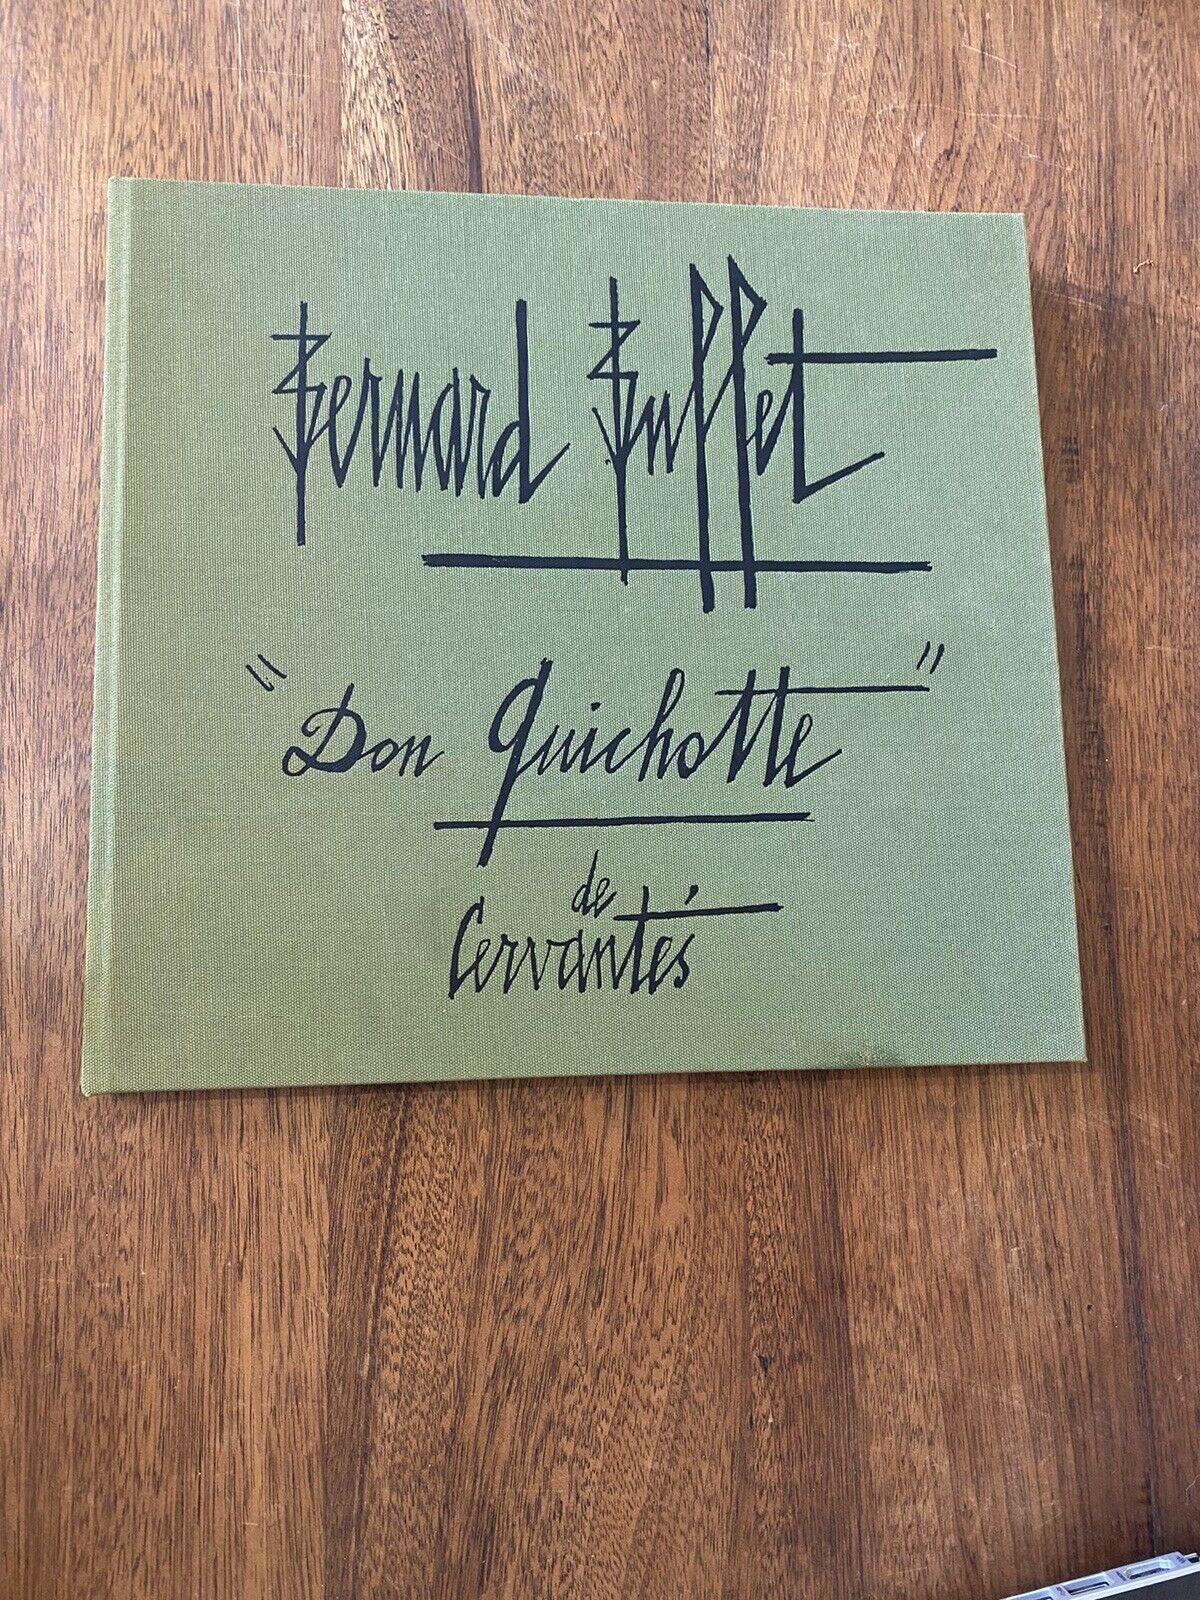 """Featured image for """"Bernard Buffet / Don Quichotte de Cervantés / Maurice Garnier / 1989"""""""